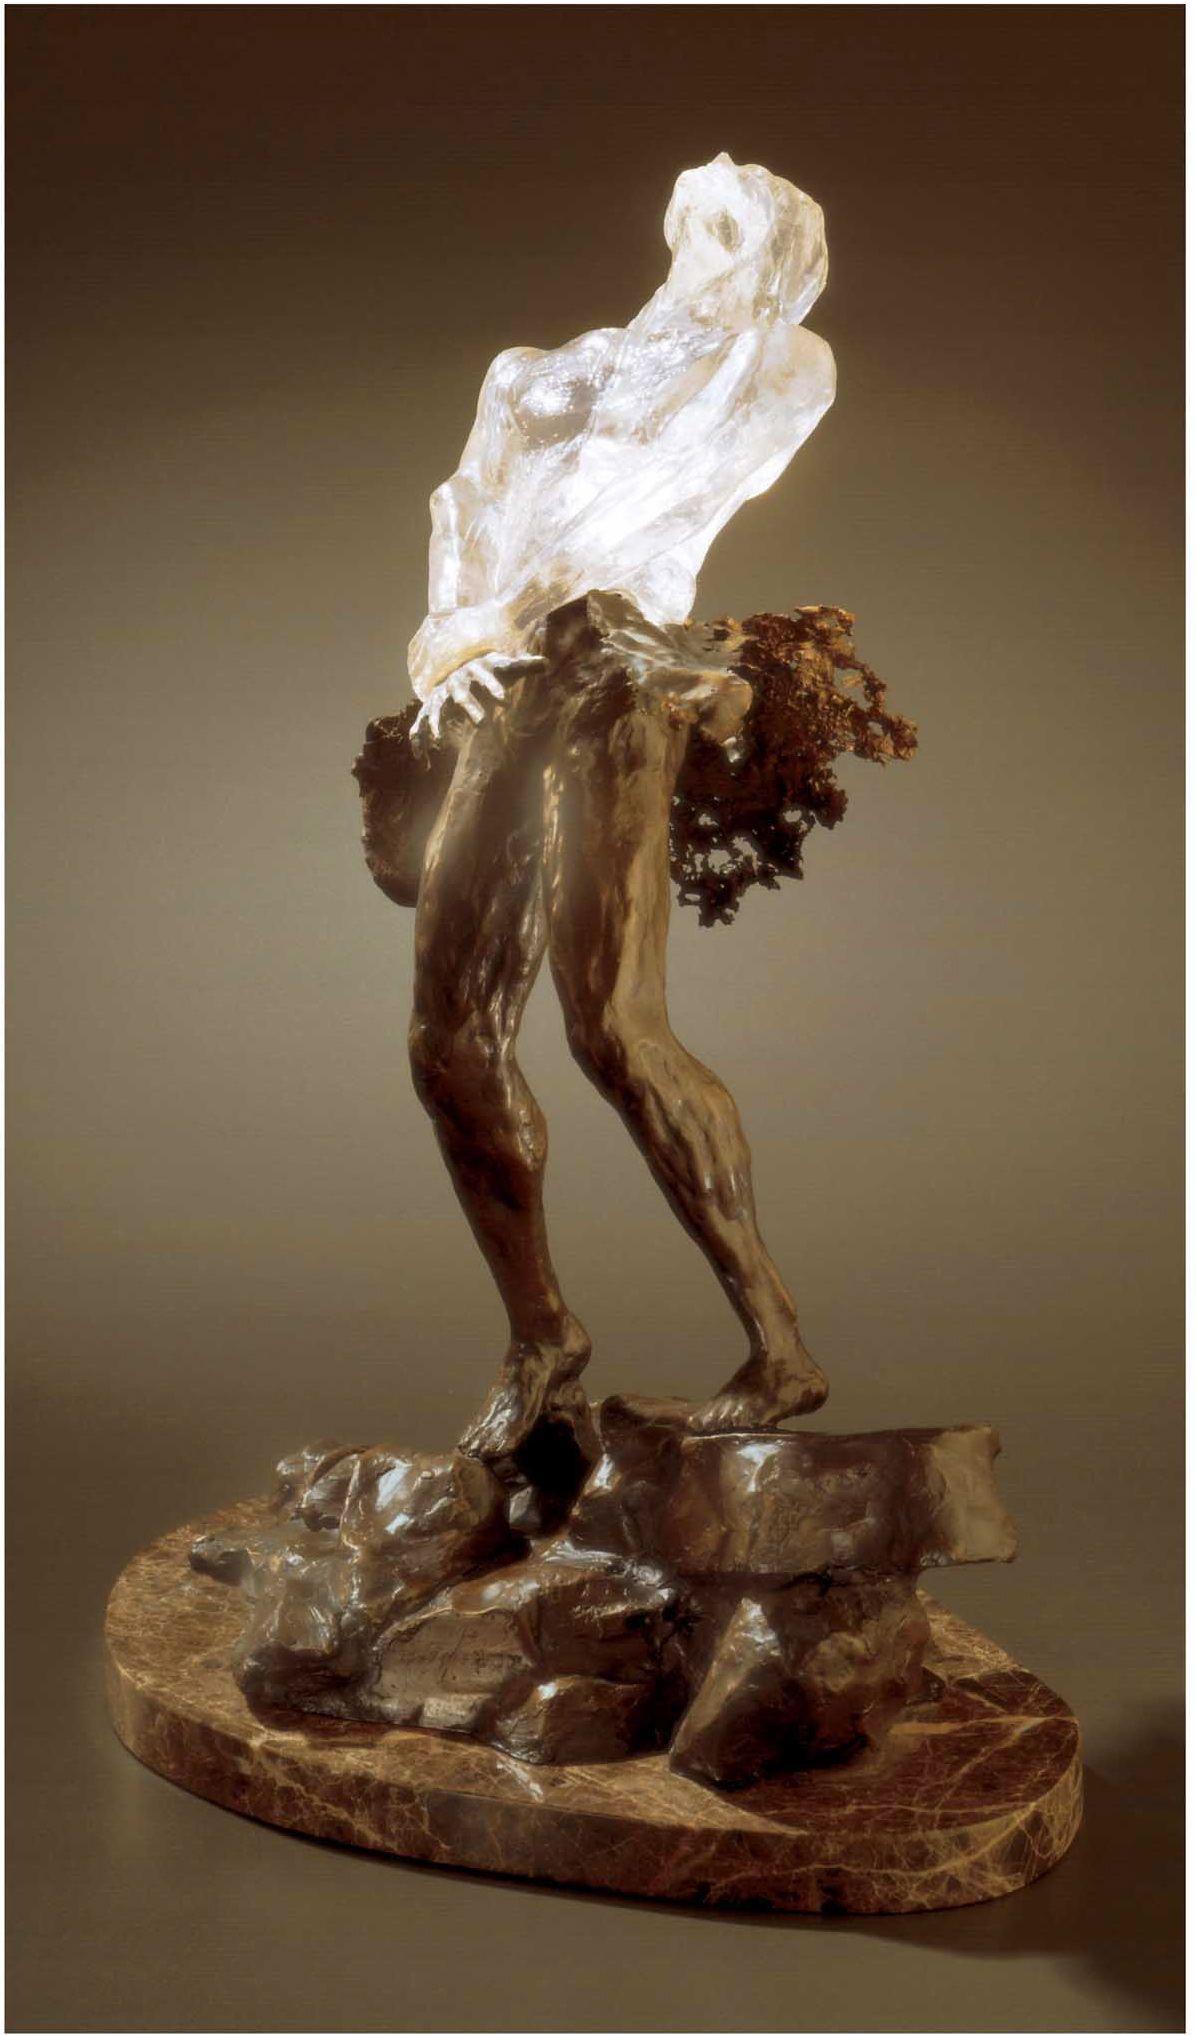 Born Again By Dean Kermit Allison I Love How This Sculpture